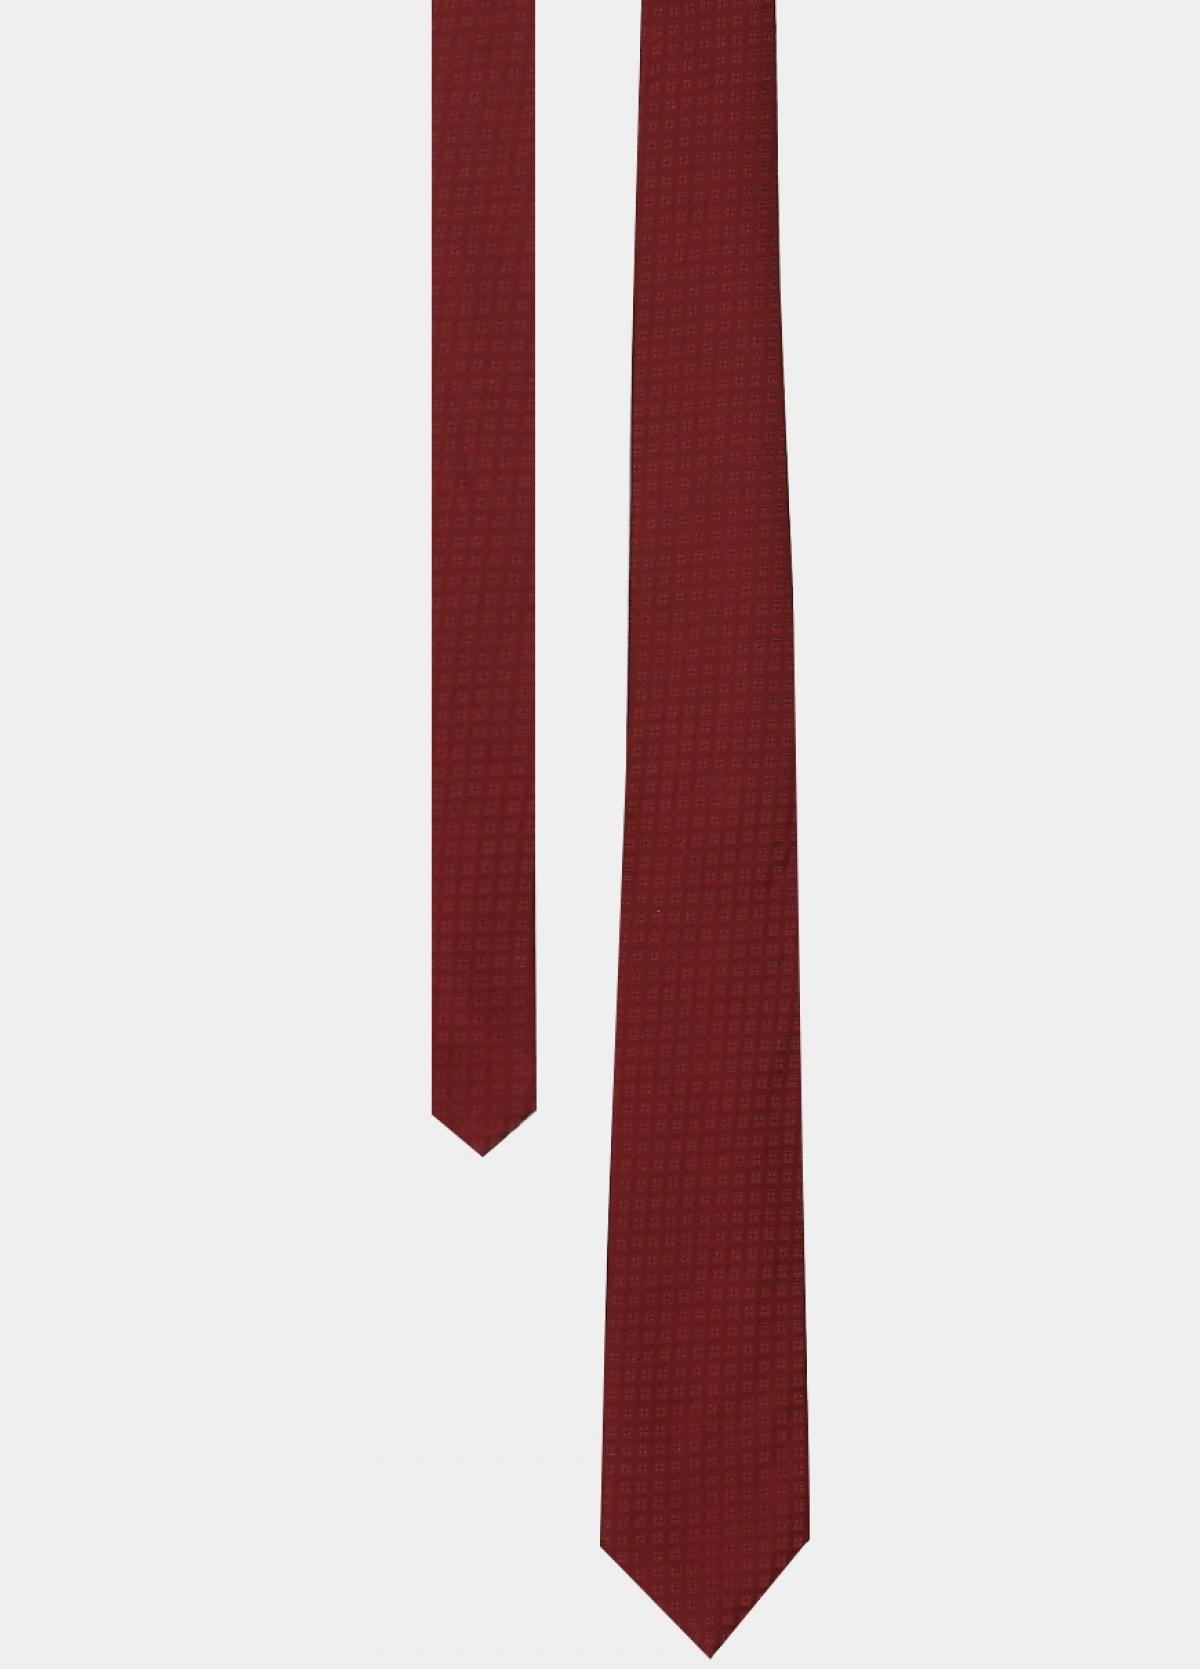 Maroon Printed Silk Tie